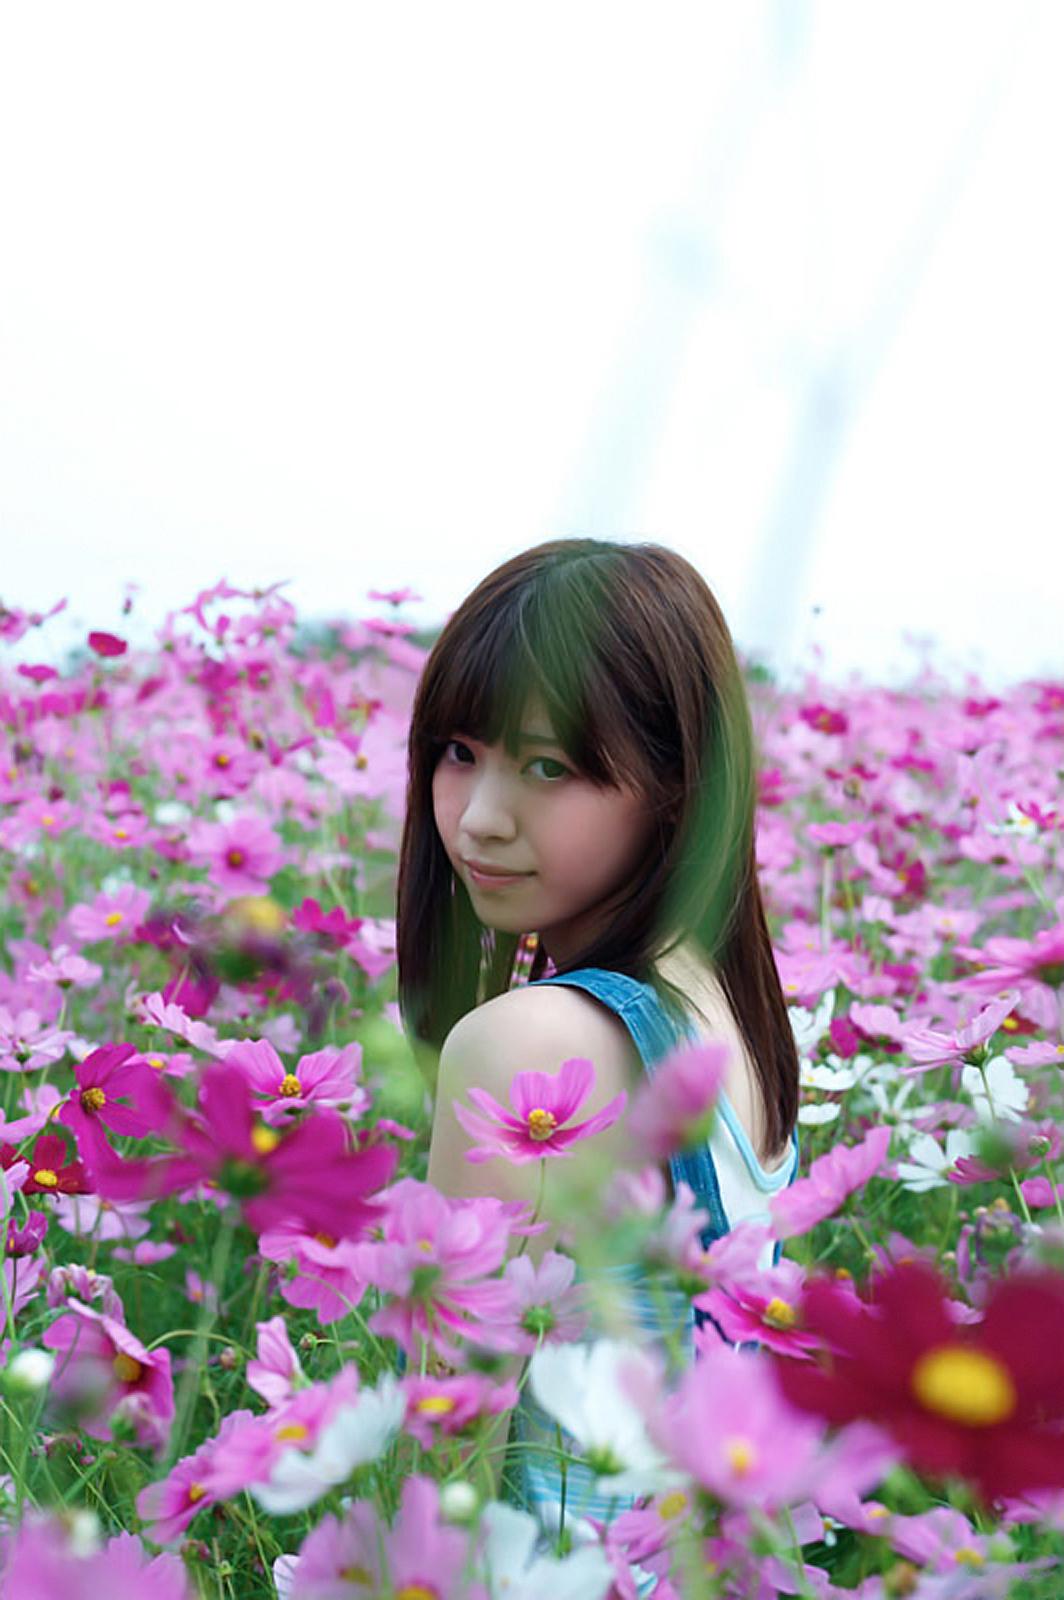 Gs F 0 60 >> 乃木坂46西野七瀬ちゃんのラフファッショングラビア画像! – AKB48の画像まとめブログ ガゾ速!